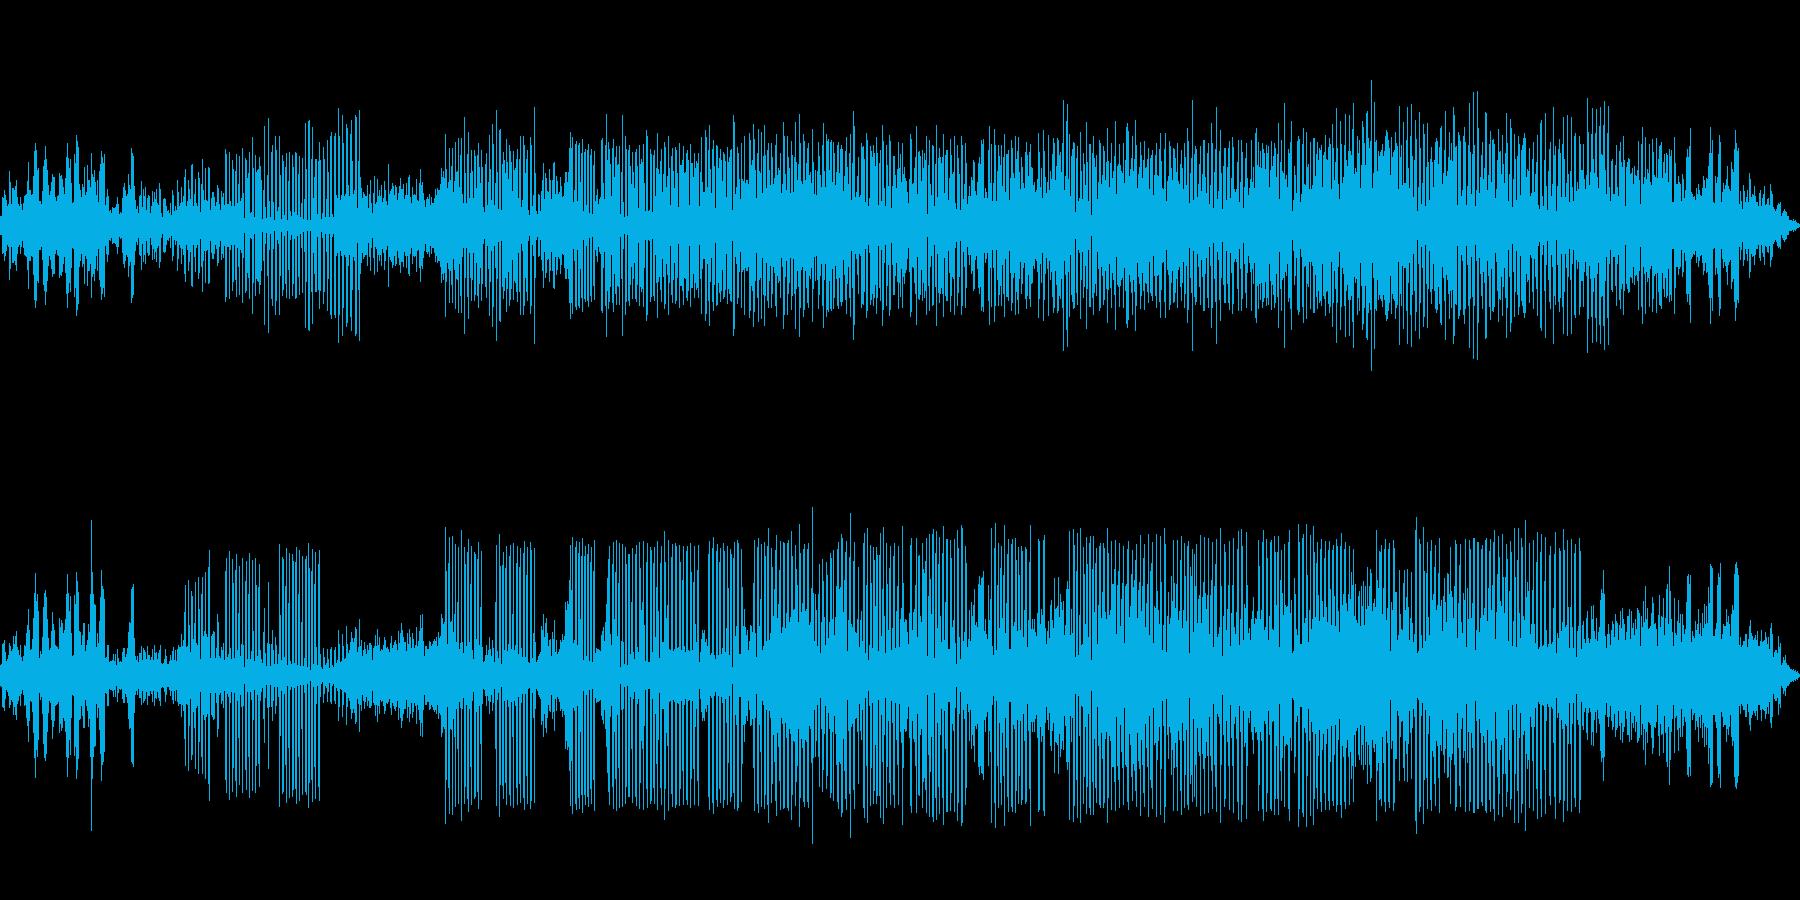 カエルの鳴き声-2の再生済みの波形